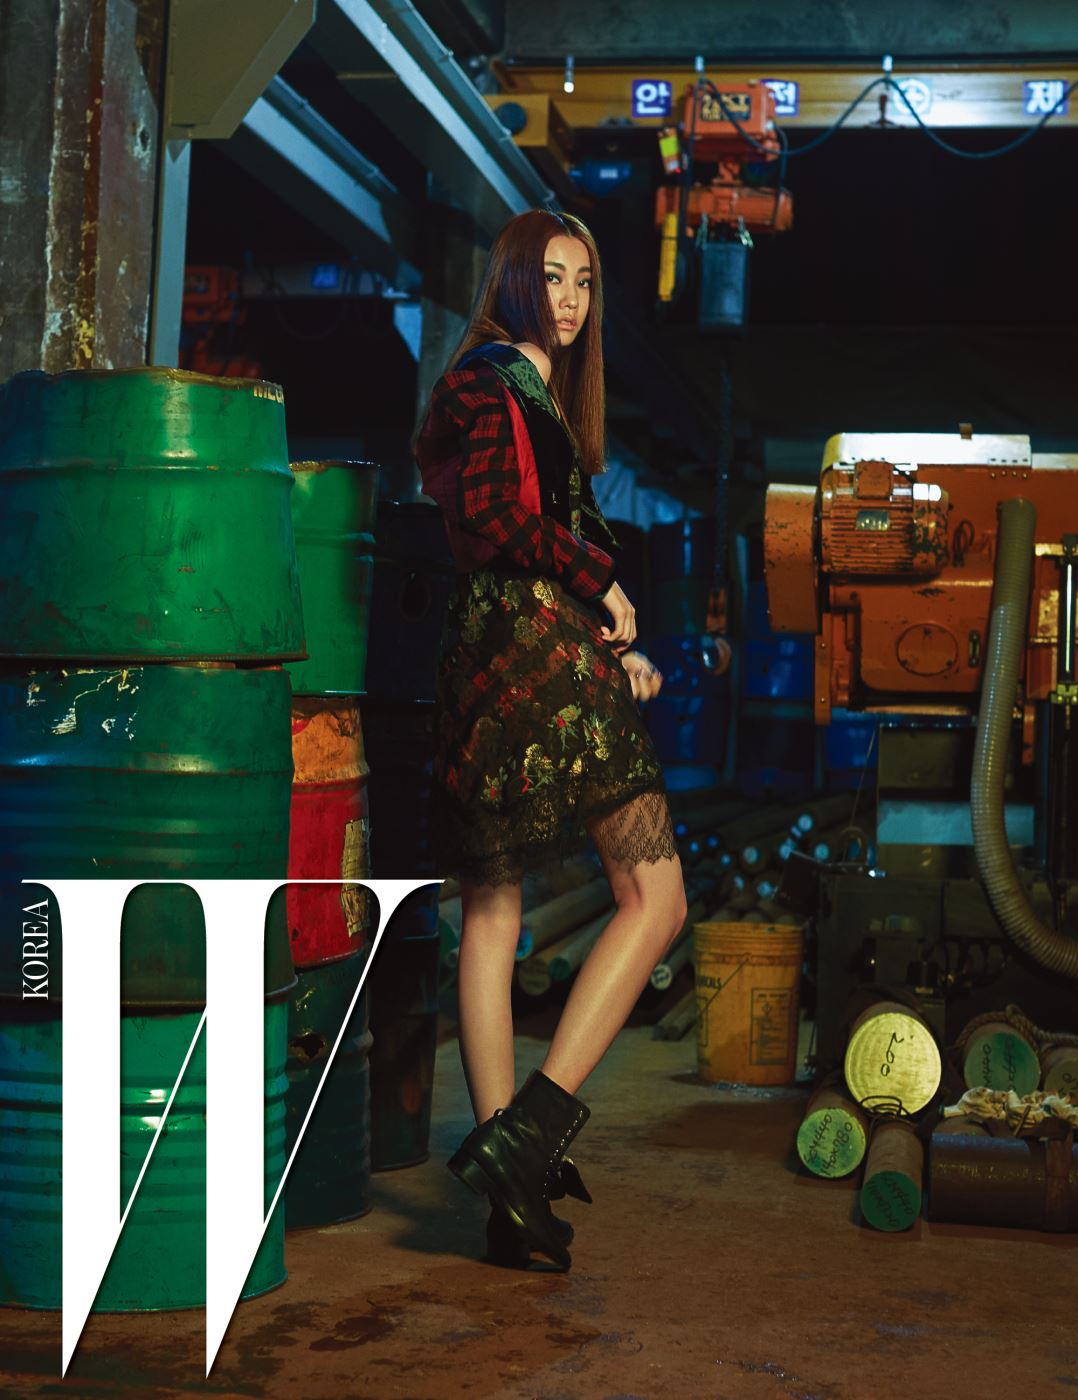 록적인 무드가 가미된 체크 패턴 재킷, 레이스 장식의 슬립 드레스, 자수 장식 워커는 모두 Etro 제품.